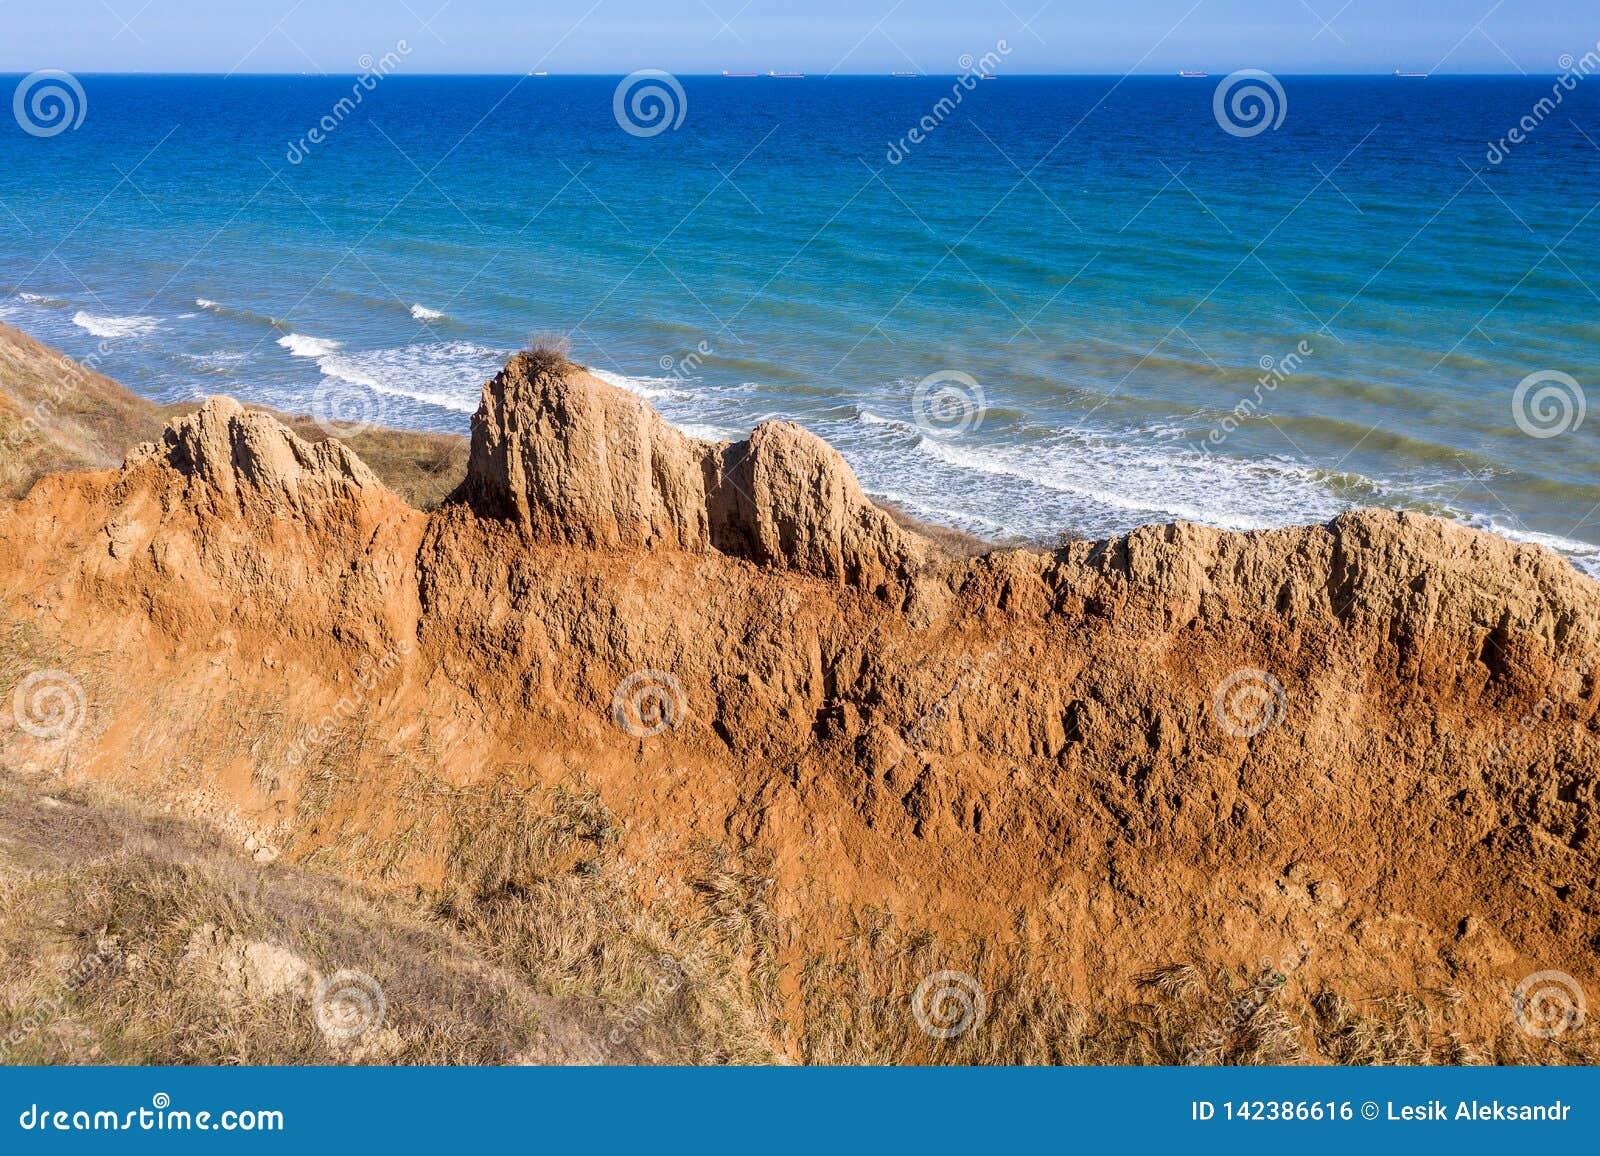 Berggrondverschuiving op een ecologisch gevaarlijk gebied Grote barst in grond, afdaling van grote lagen van vuil Dodelijk gevaar